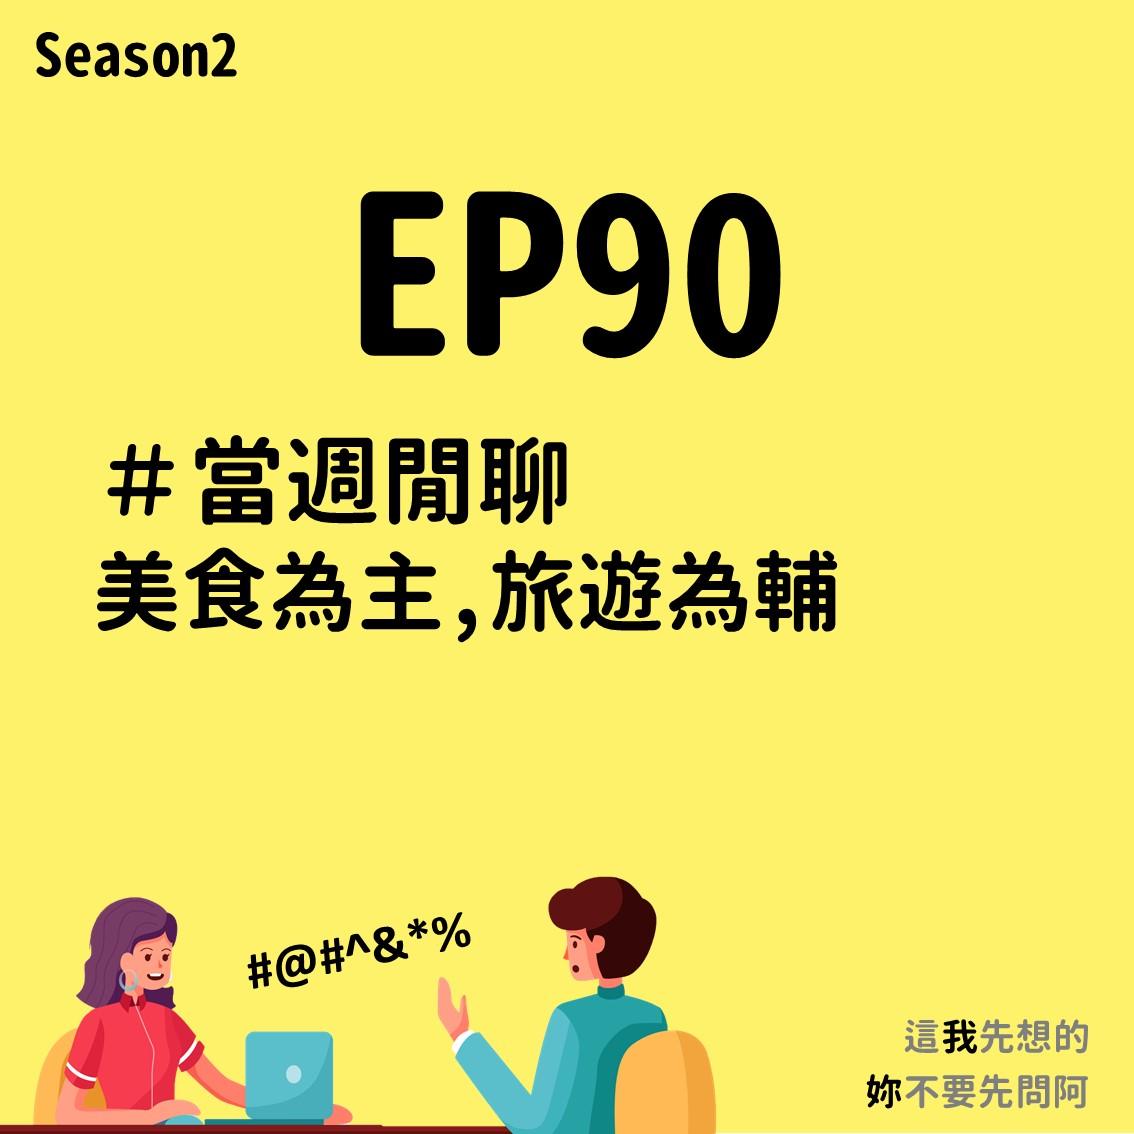 EP90 當週閒聊|美食為主,旅遊為輔